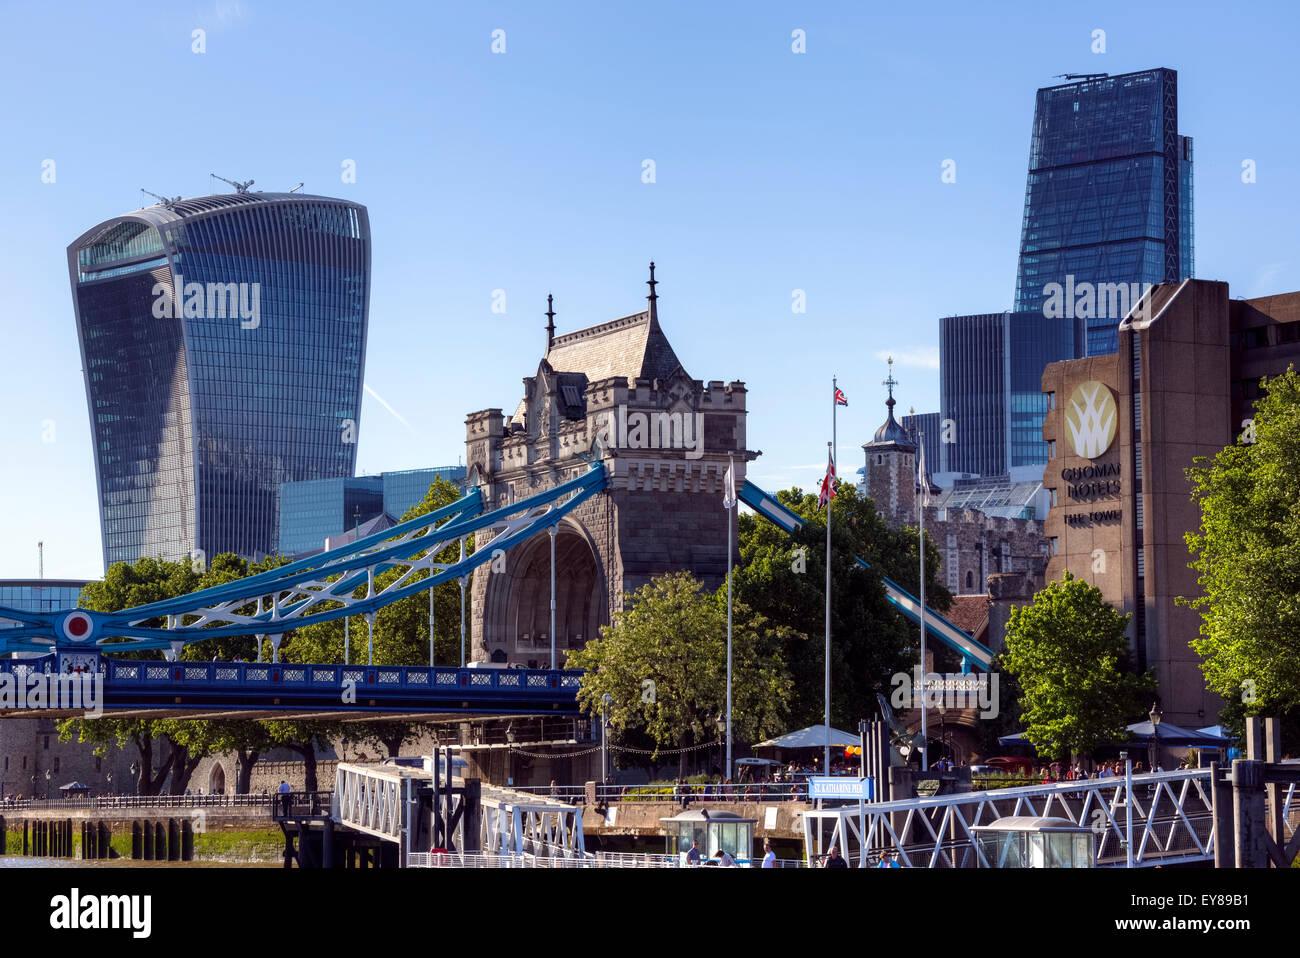 City of London, England, United Kingdom - Stock Image